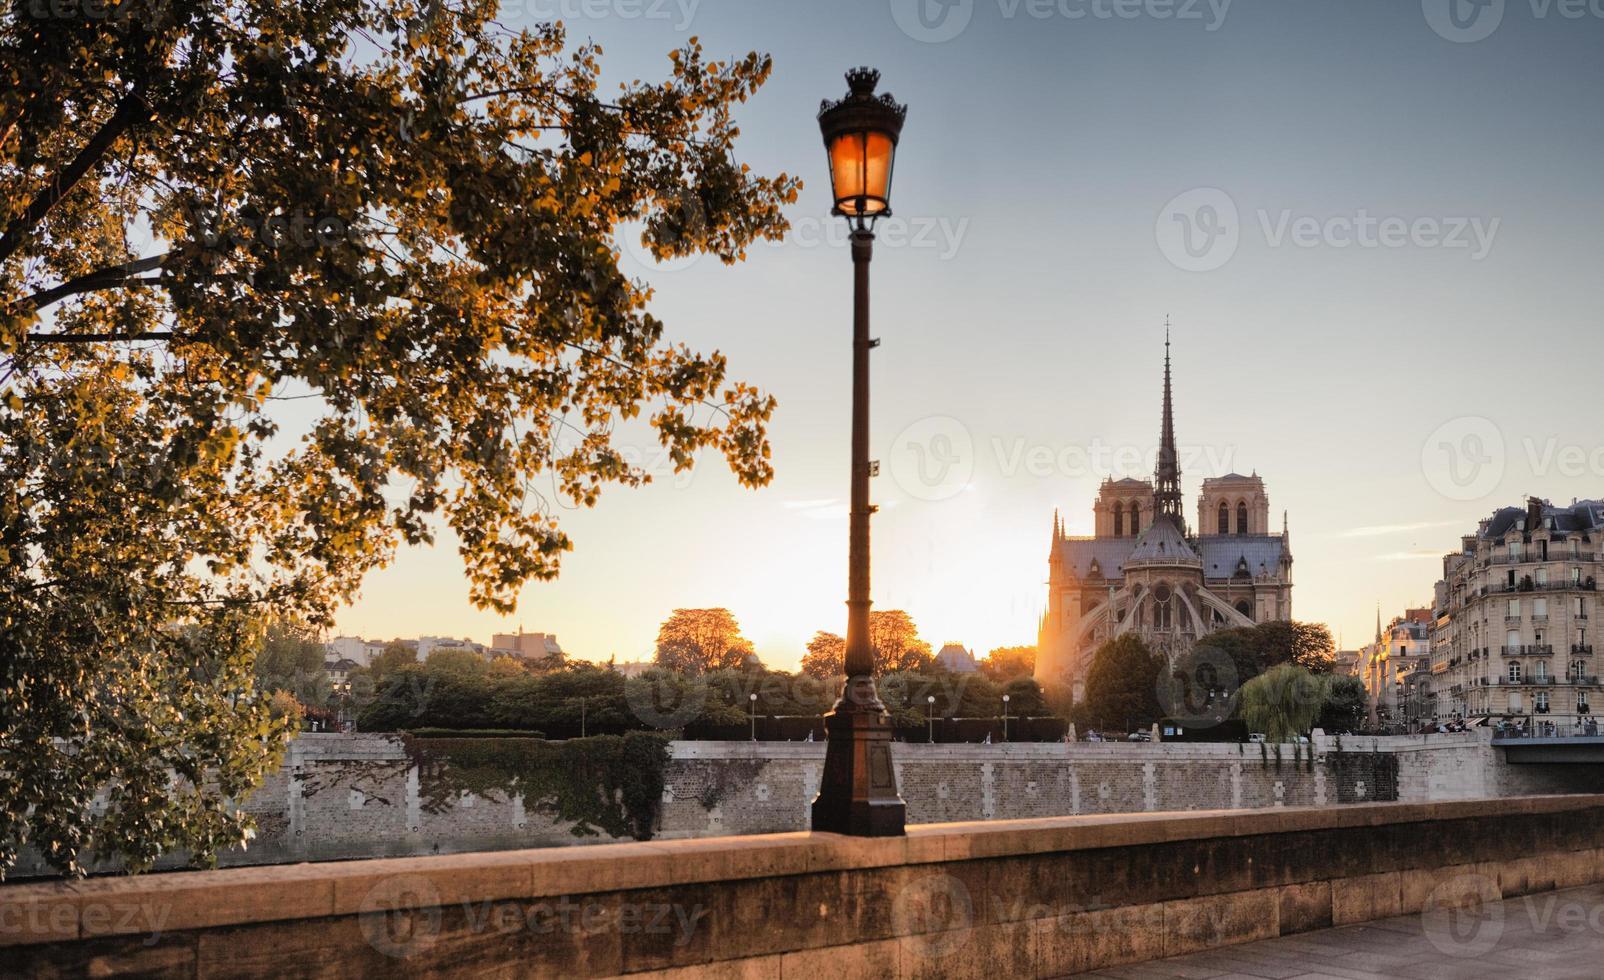 notre dame kathedrale in paris, frankreich foto